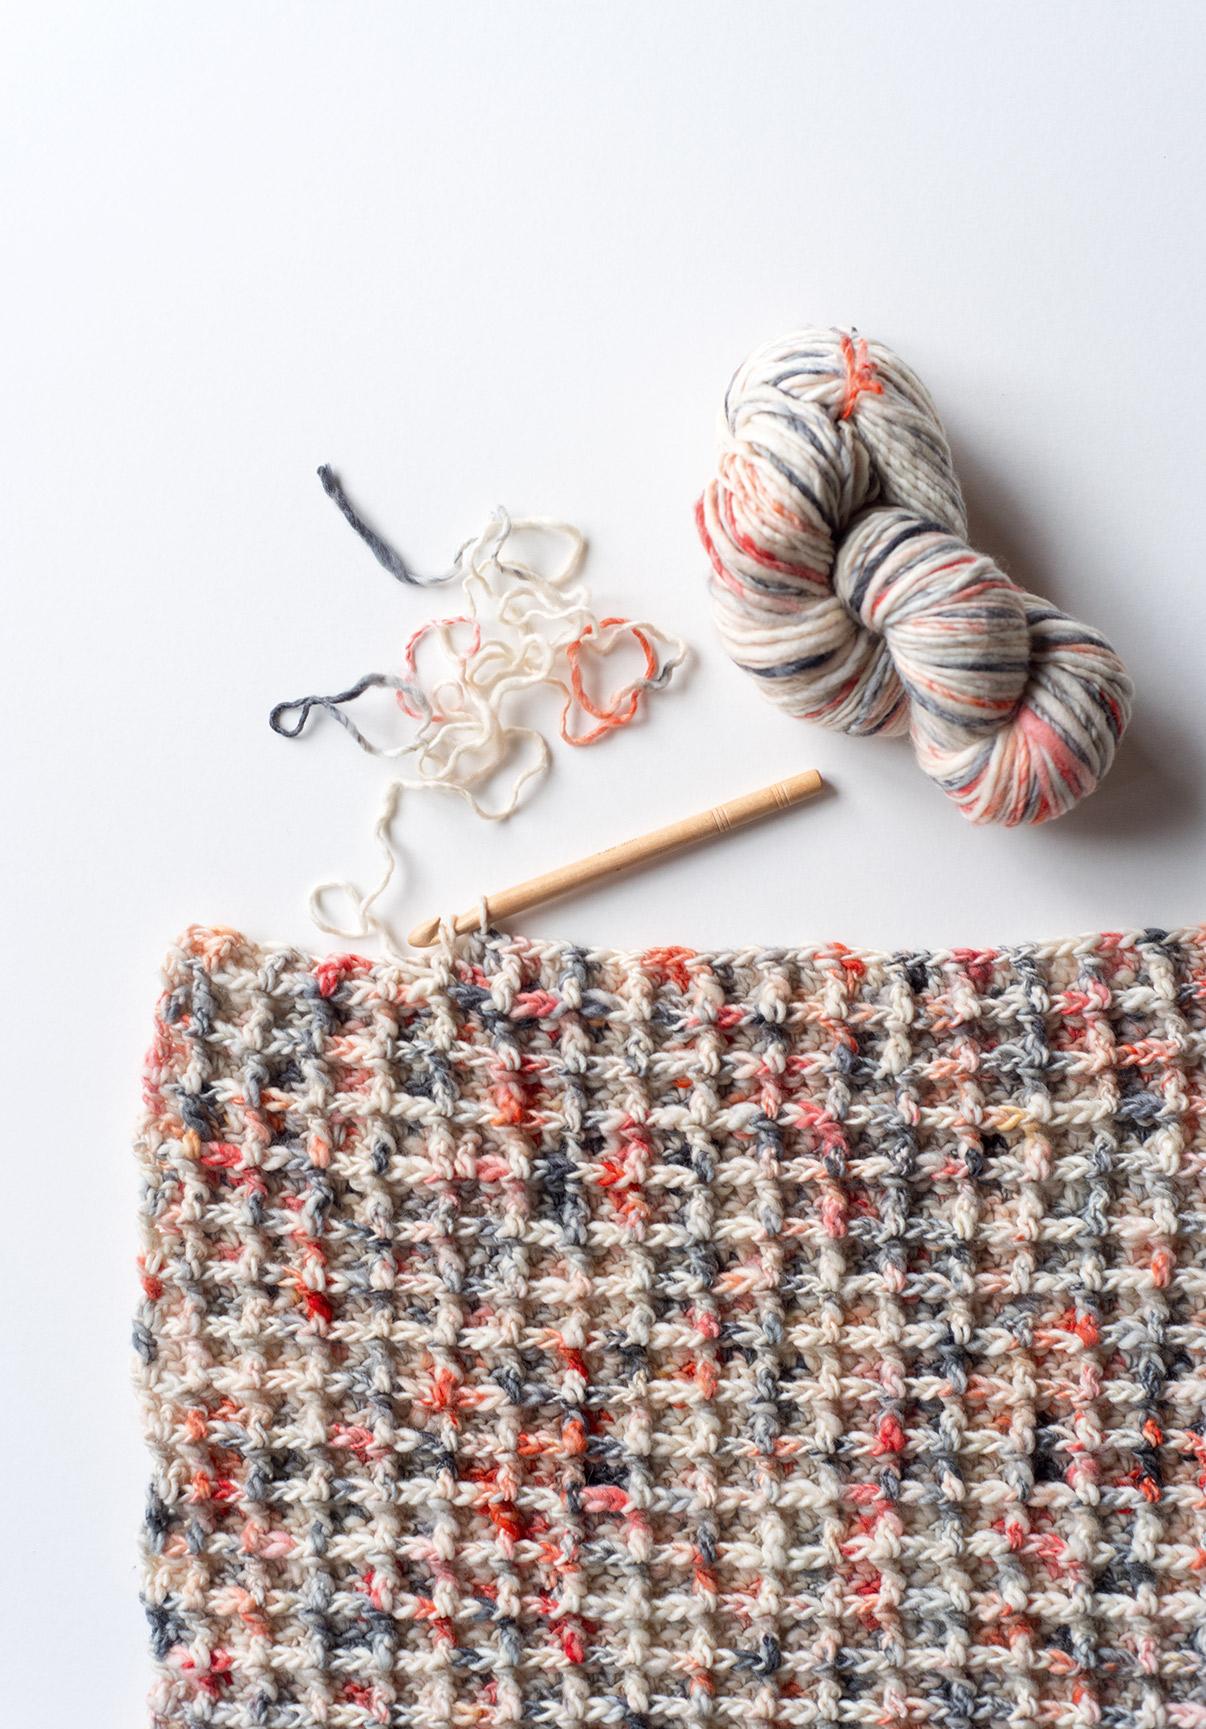 Koel Magazine 5 - crochet waffle stitch pattern 02